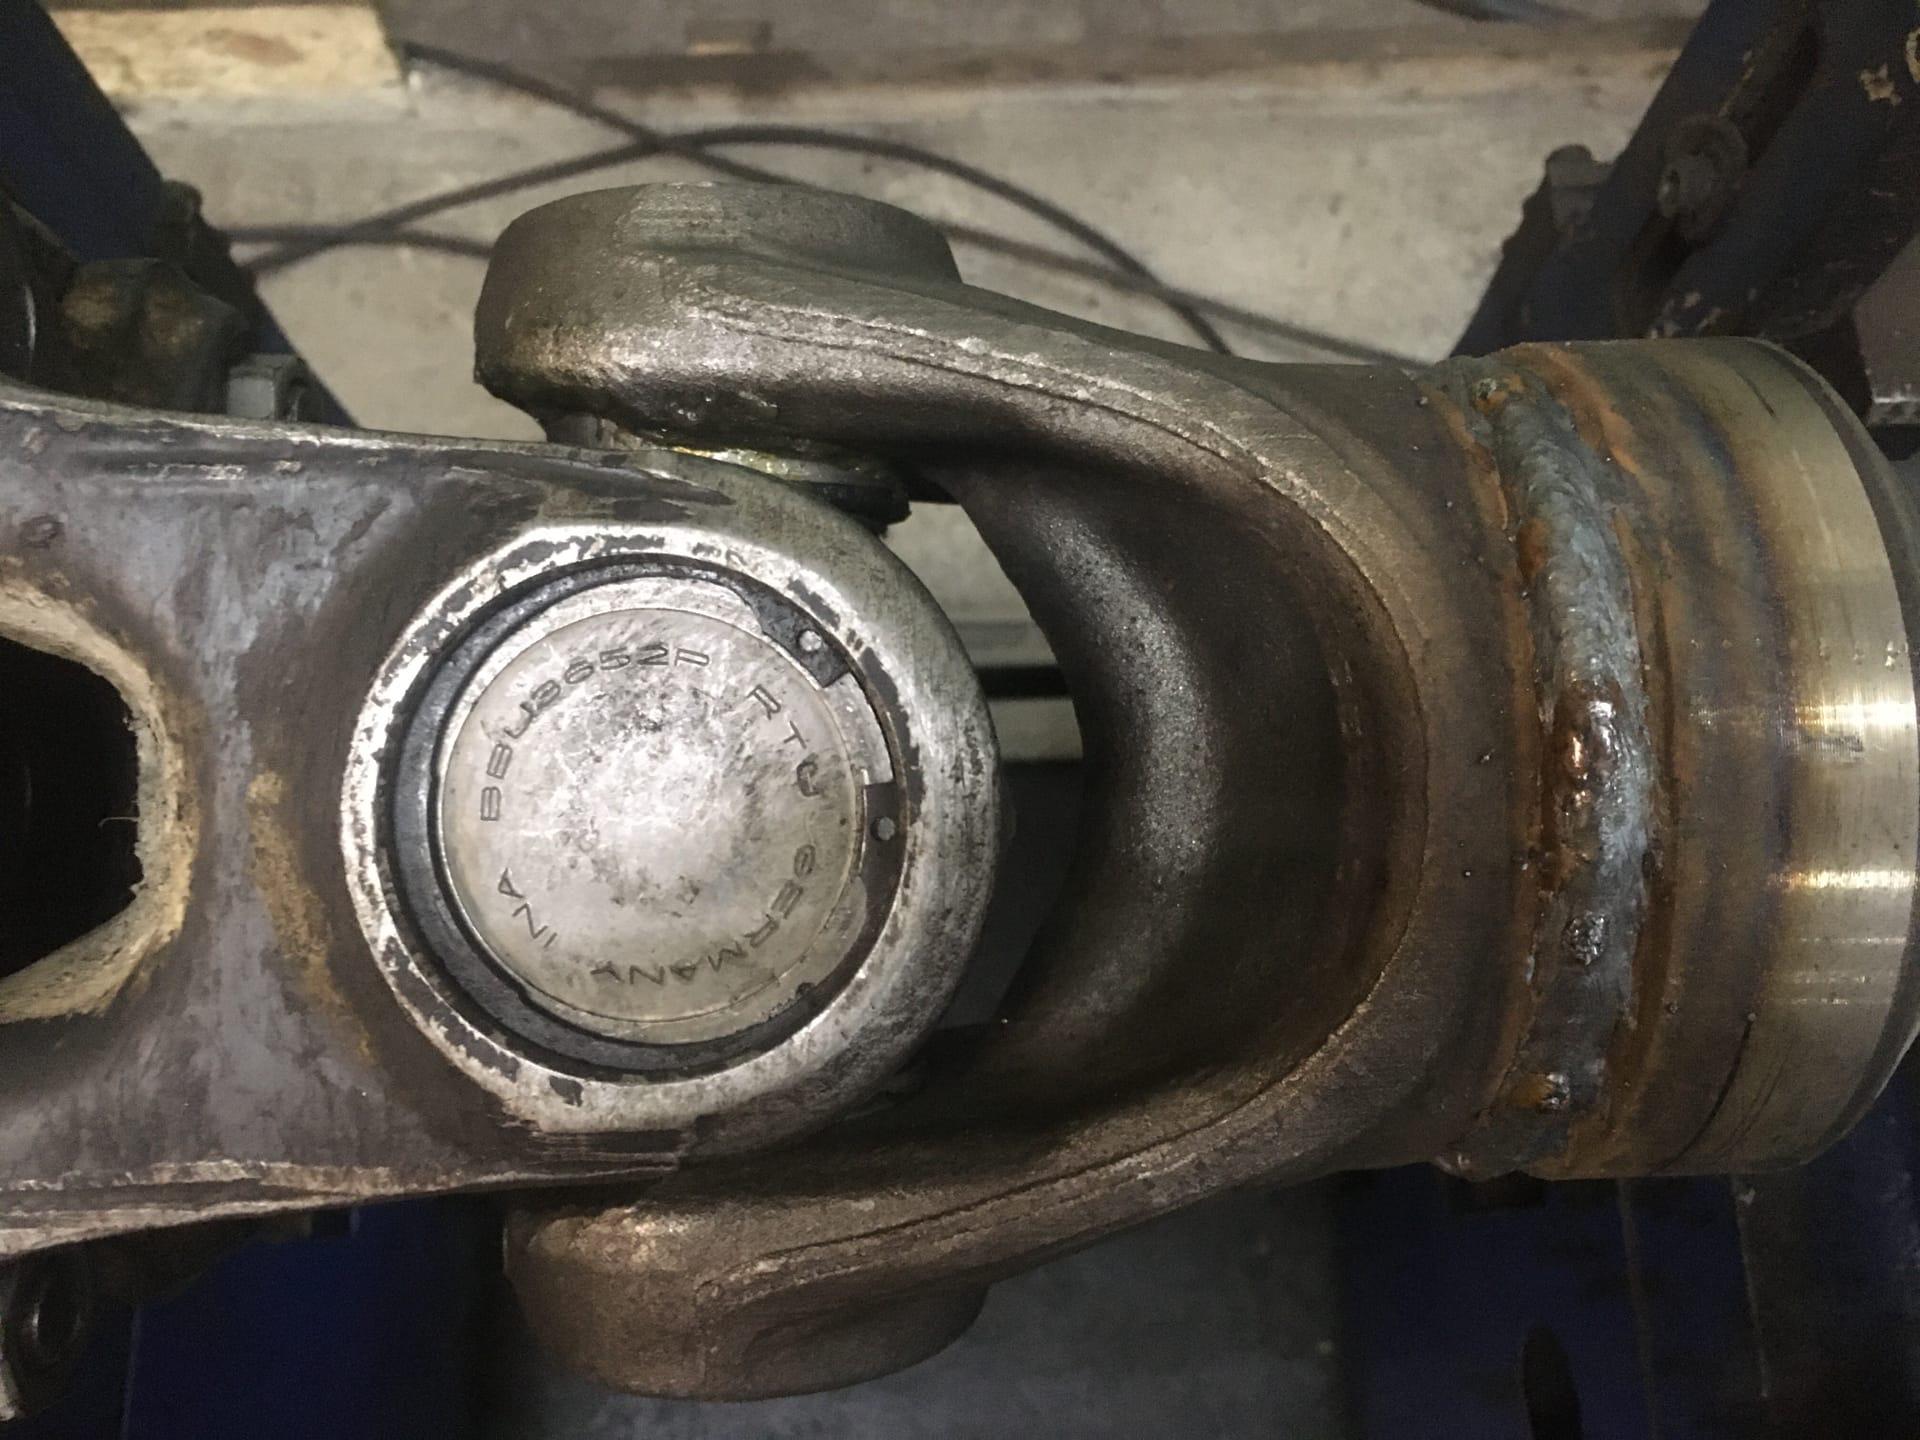 Ремонт 2-х опорного межосевого карданного вала автомобиля Volvo